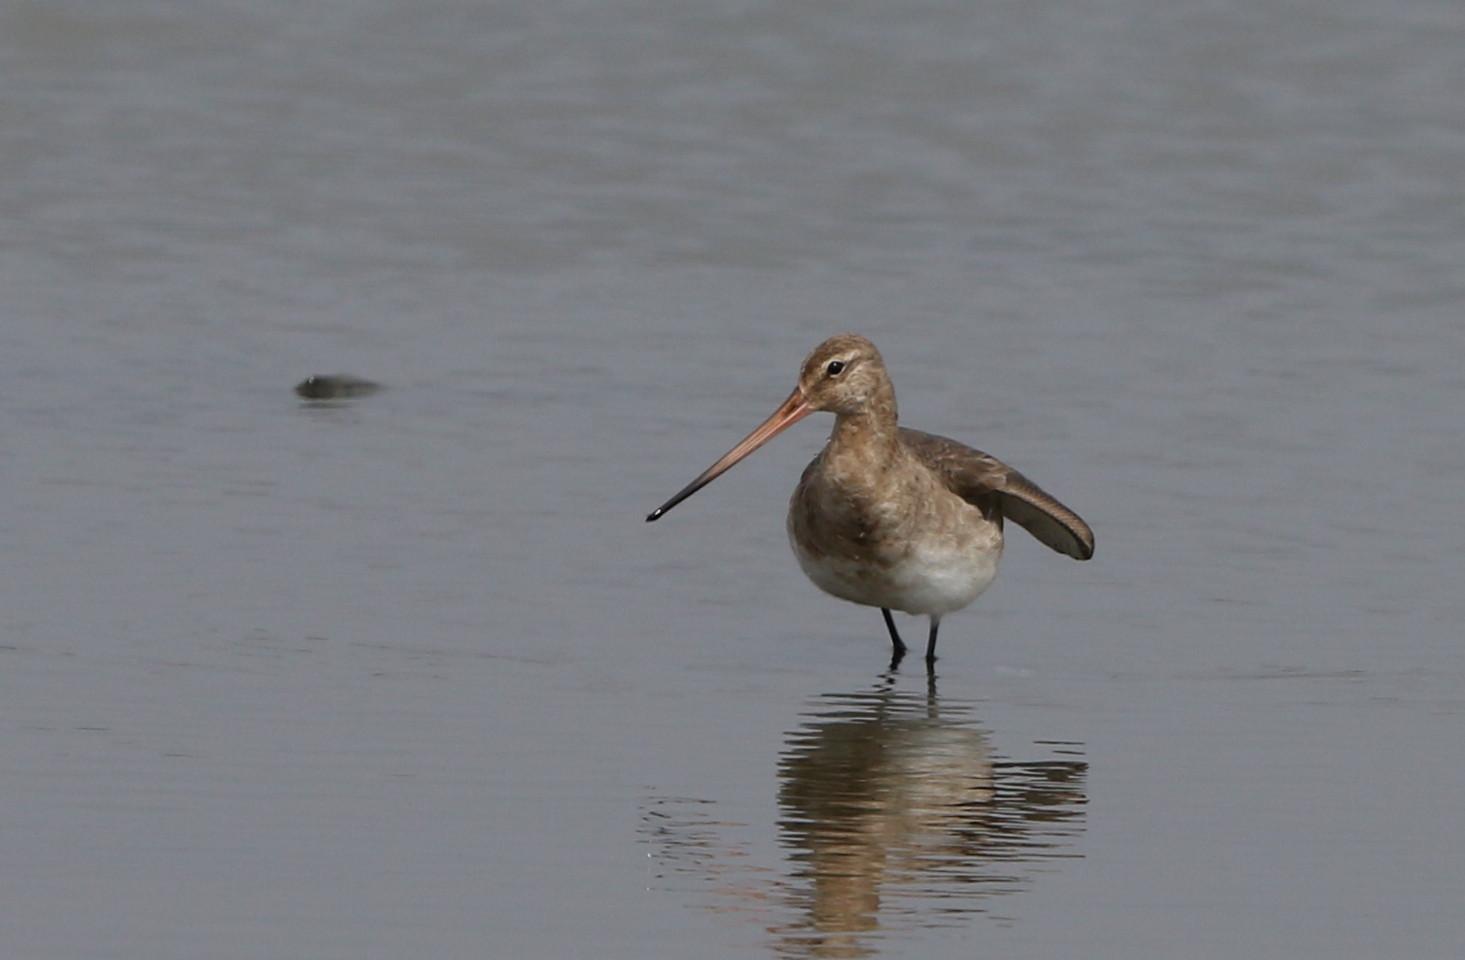 MFの沼でオグロシギを撮る_f0239515_21461967.jpg